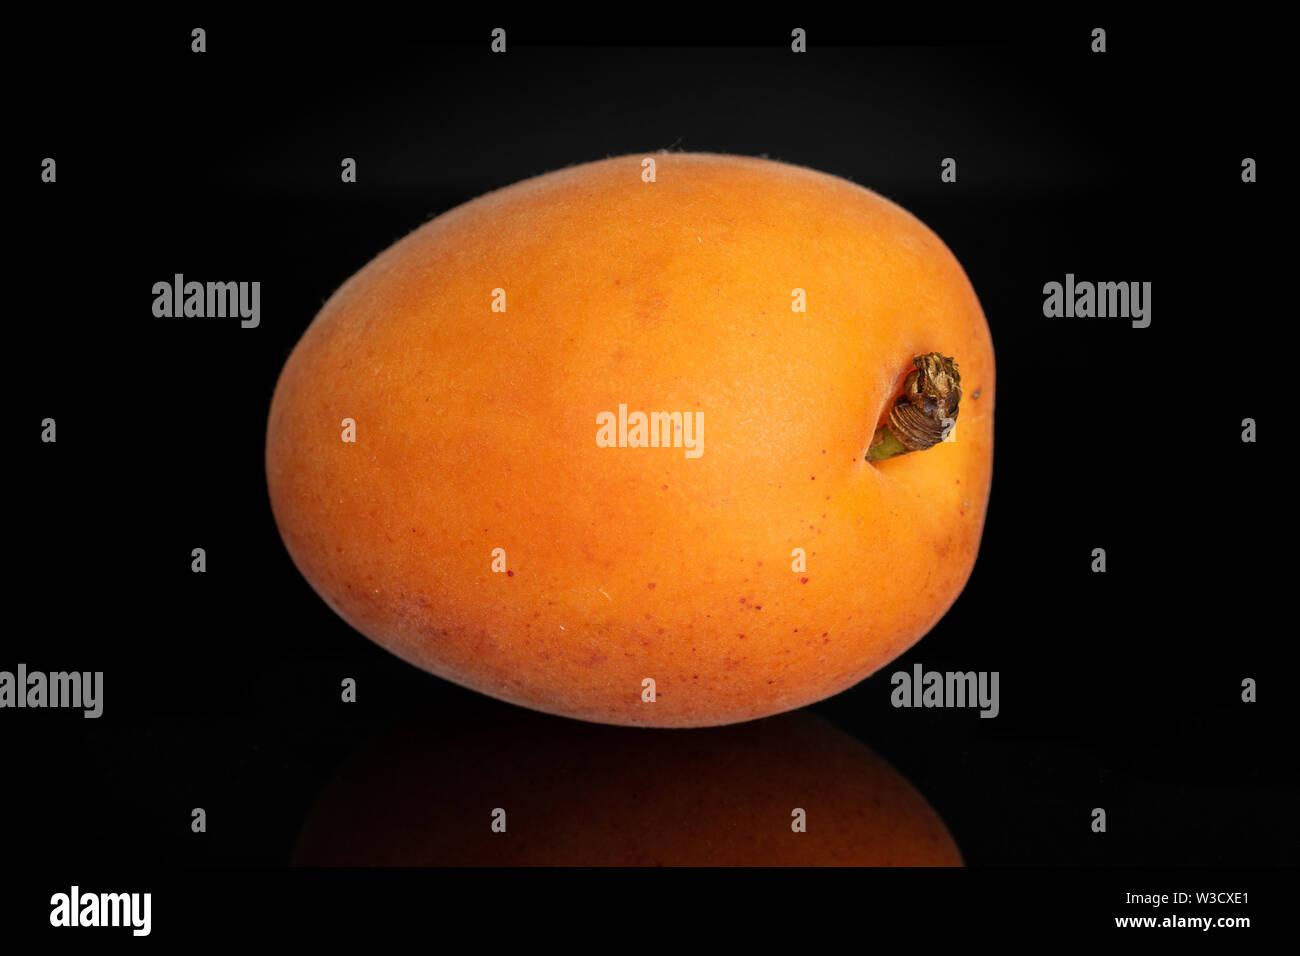 One whole velvety fresh deep orange apricot isolated on black glass - Stock Image